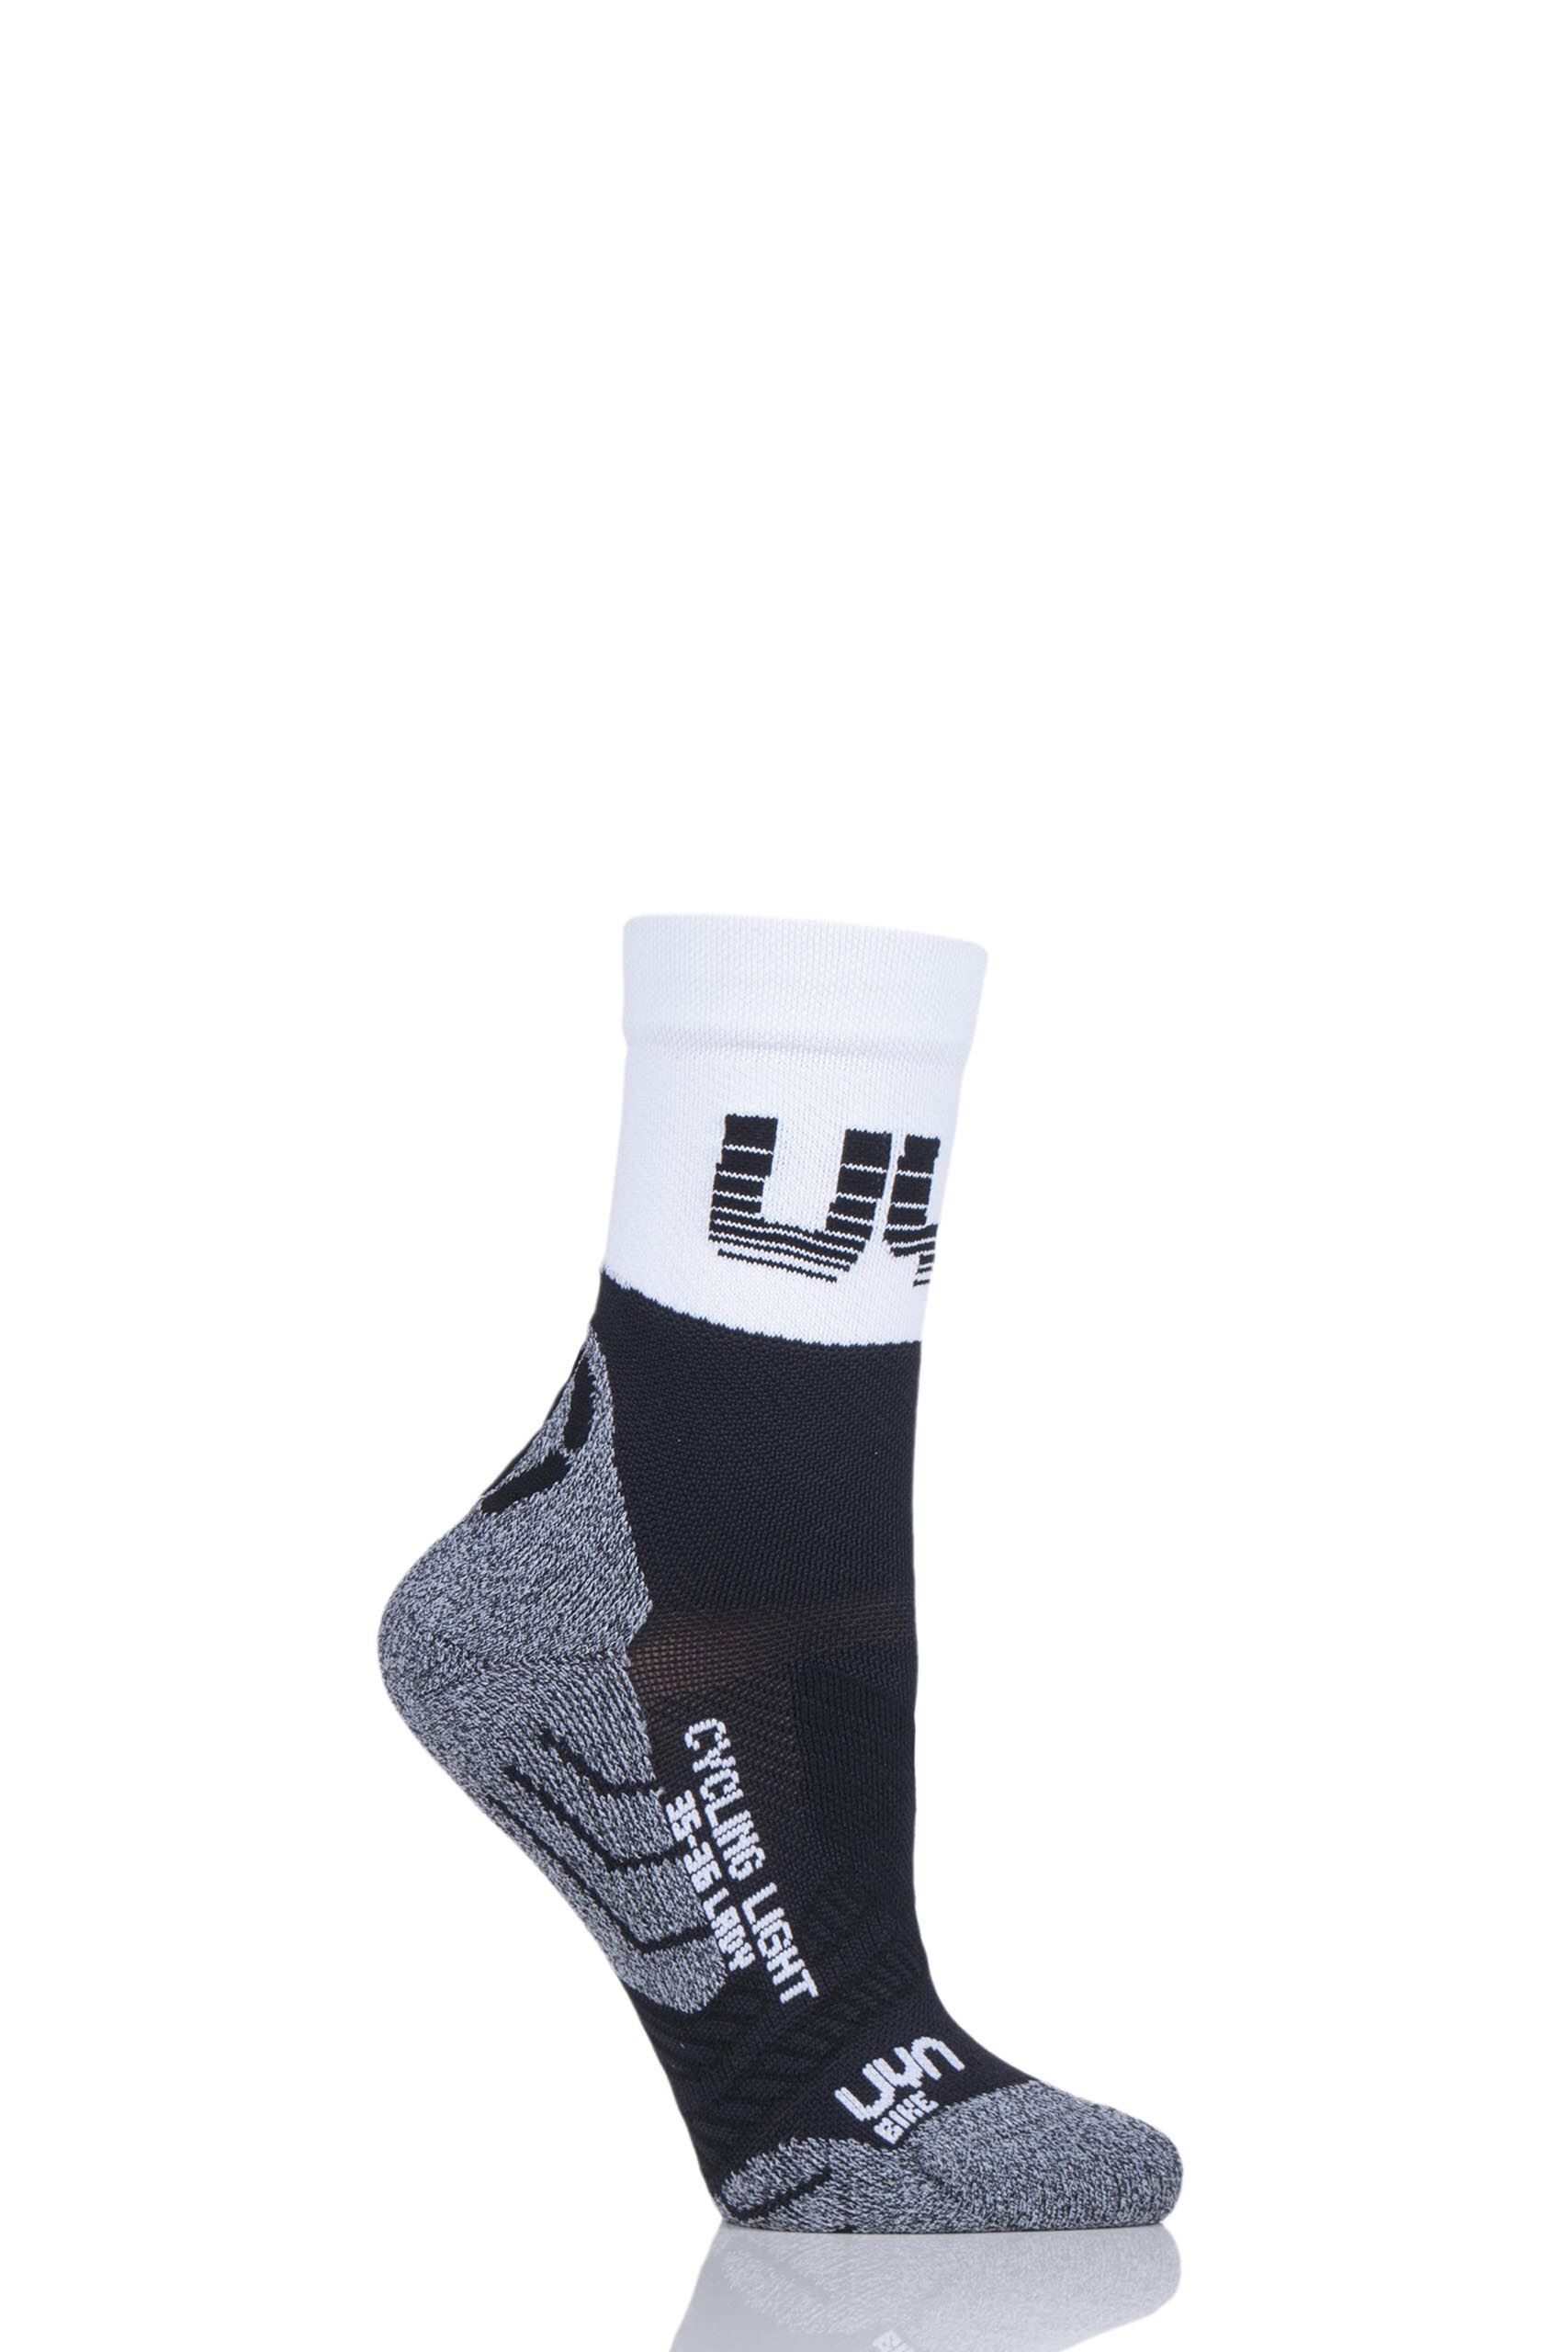 Image of 1 Pair Black Cycling Light Weight Socks Ladies 5.5-6.5 Ladies - UYN